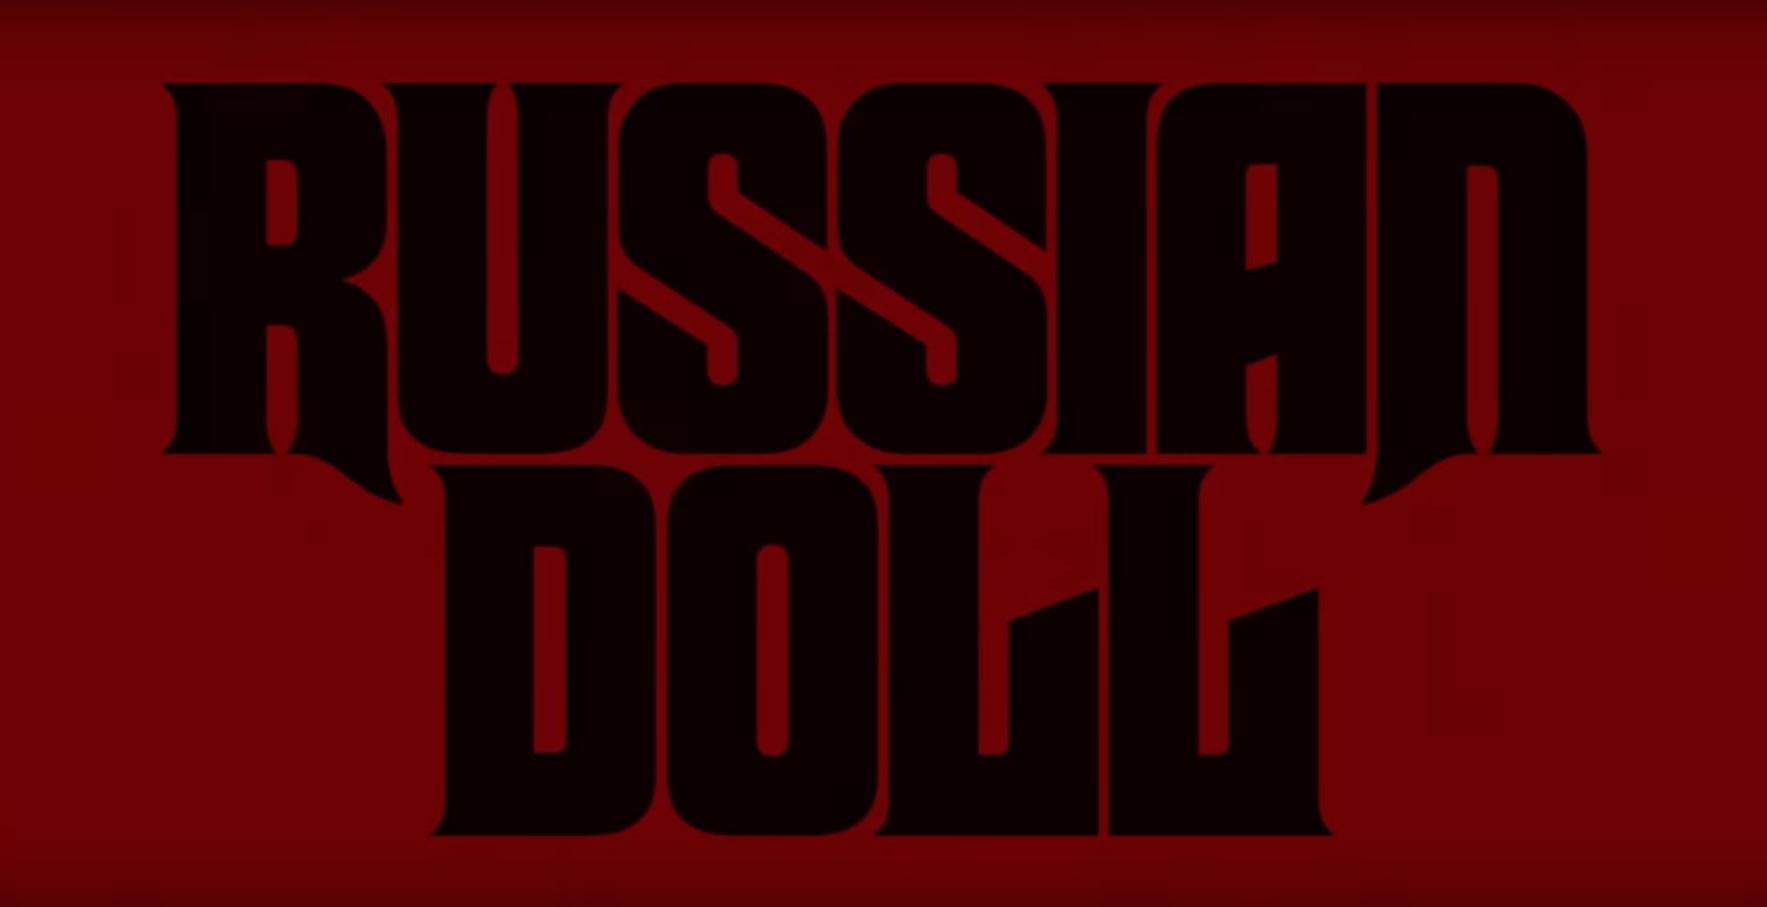 Russian Doll 2 trama, cast, anticipazioni. Quando esce su Netflix